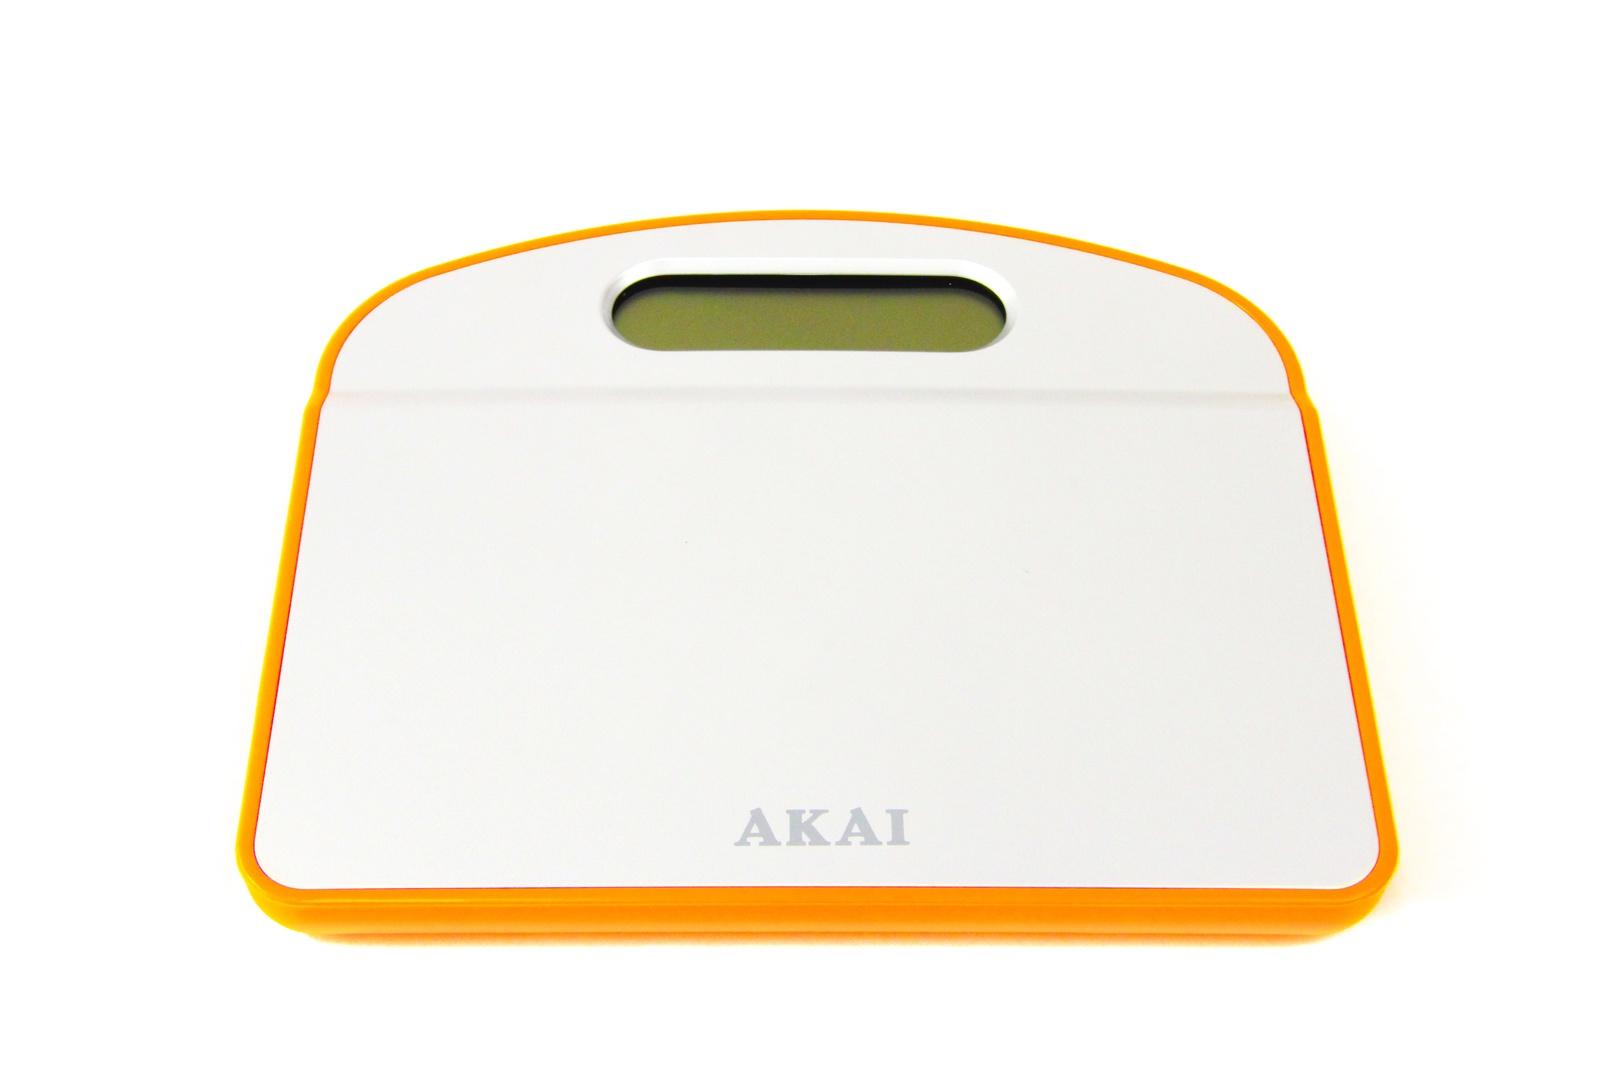 Напольные весы Akai 1351/О1351/ОВесы напольные, МАКСИМАЛЬНЫЙ ВЕС: 150 КГ/330 LB, три вида единиц измерения. Пластиковая платформа, LСD дисплей. Автоматическое включение и выключение, индикатор заряда батареи.